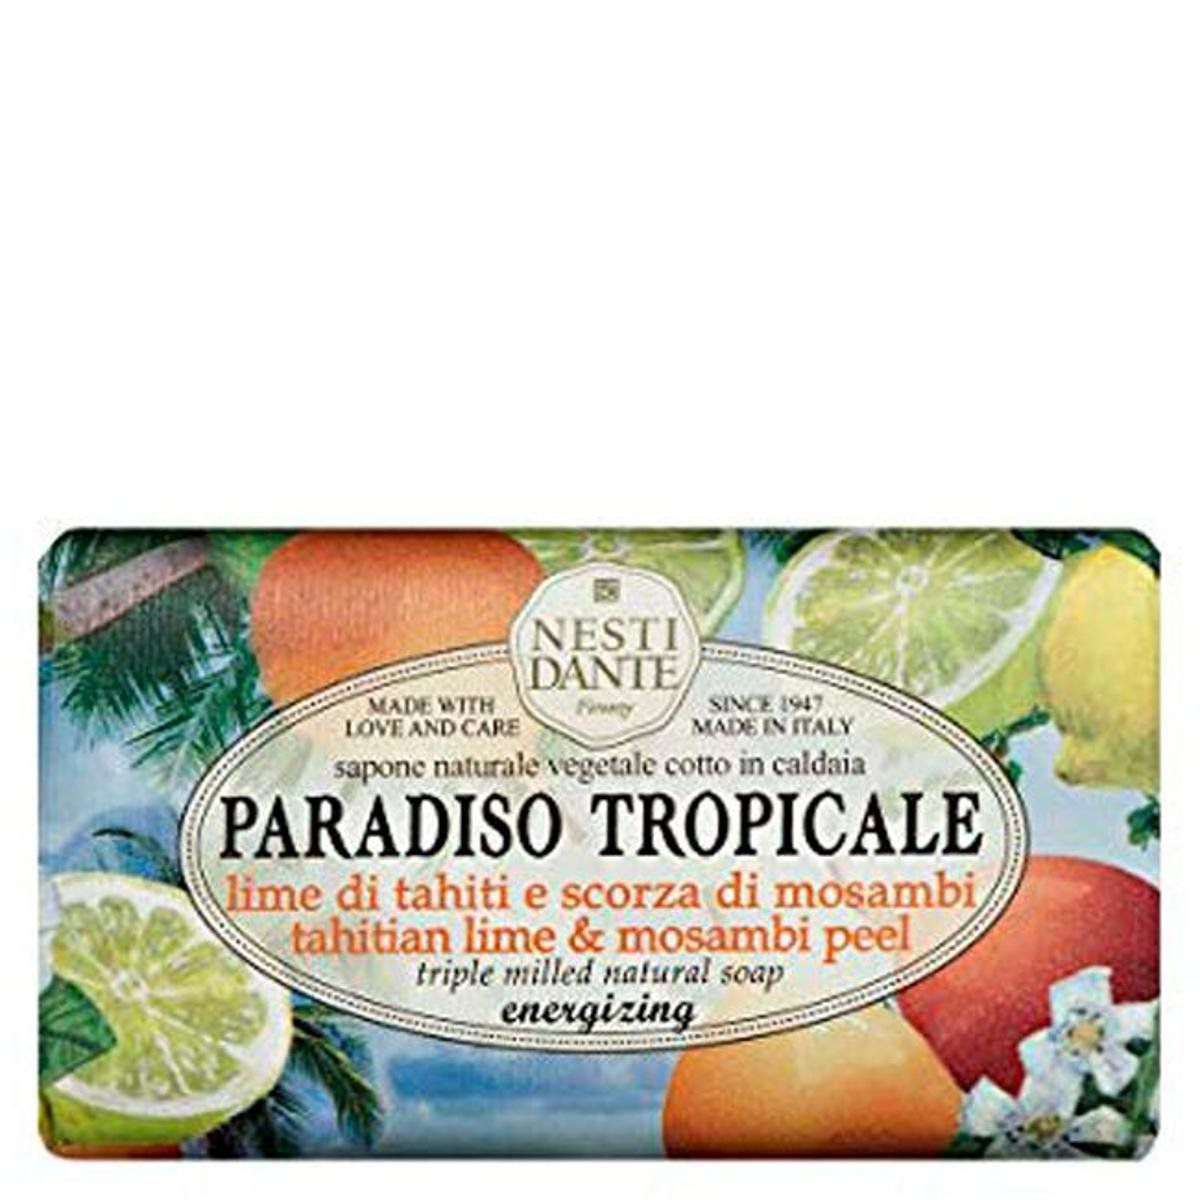 Sabonete Paradiso Tropicale Lima do Thaiti e Casca 250 g - Nesti Dante